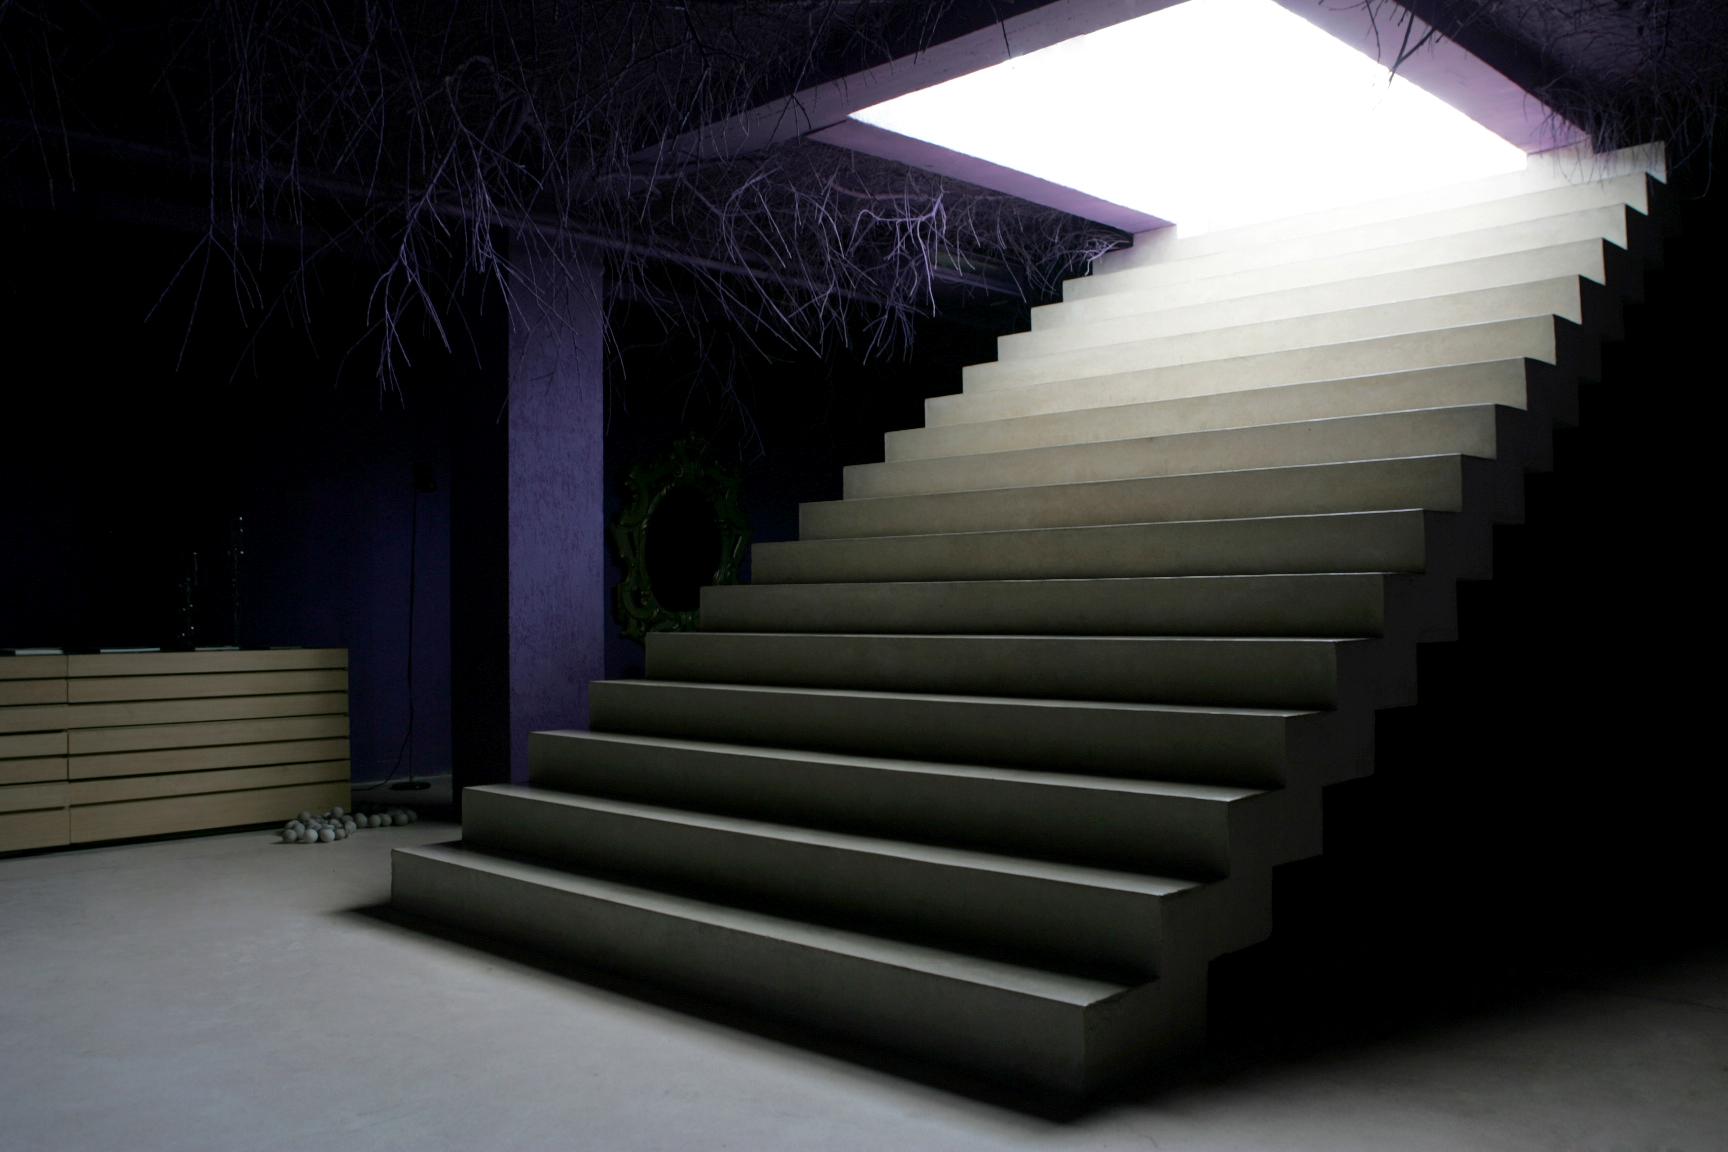 Emergent Glow, 2007